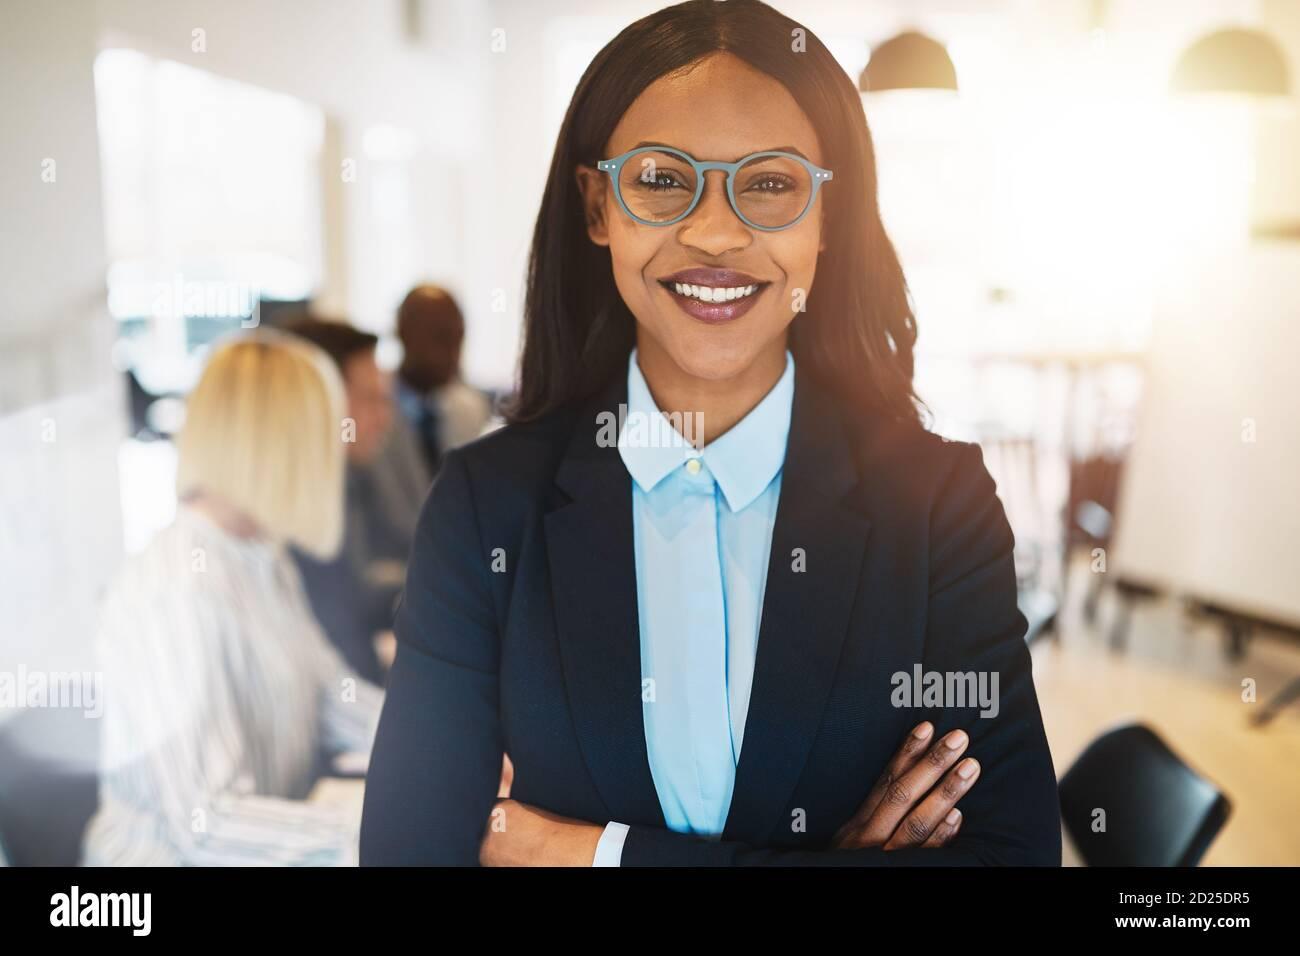 Une jeune femme d'affaires africaine debout avec ses bras a traversé une salle de réunion de bureau et sourire avec des collègues en arrière-plan Banque D'Images